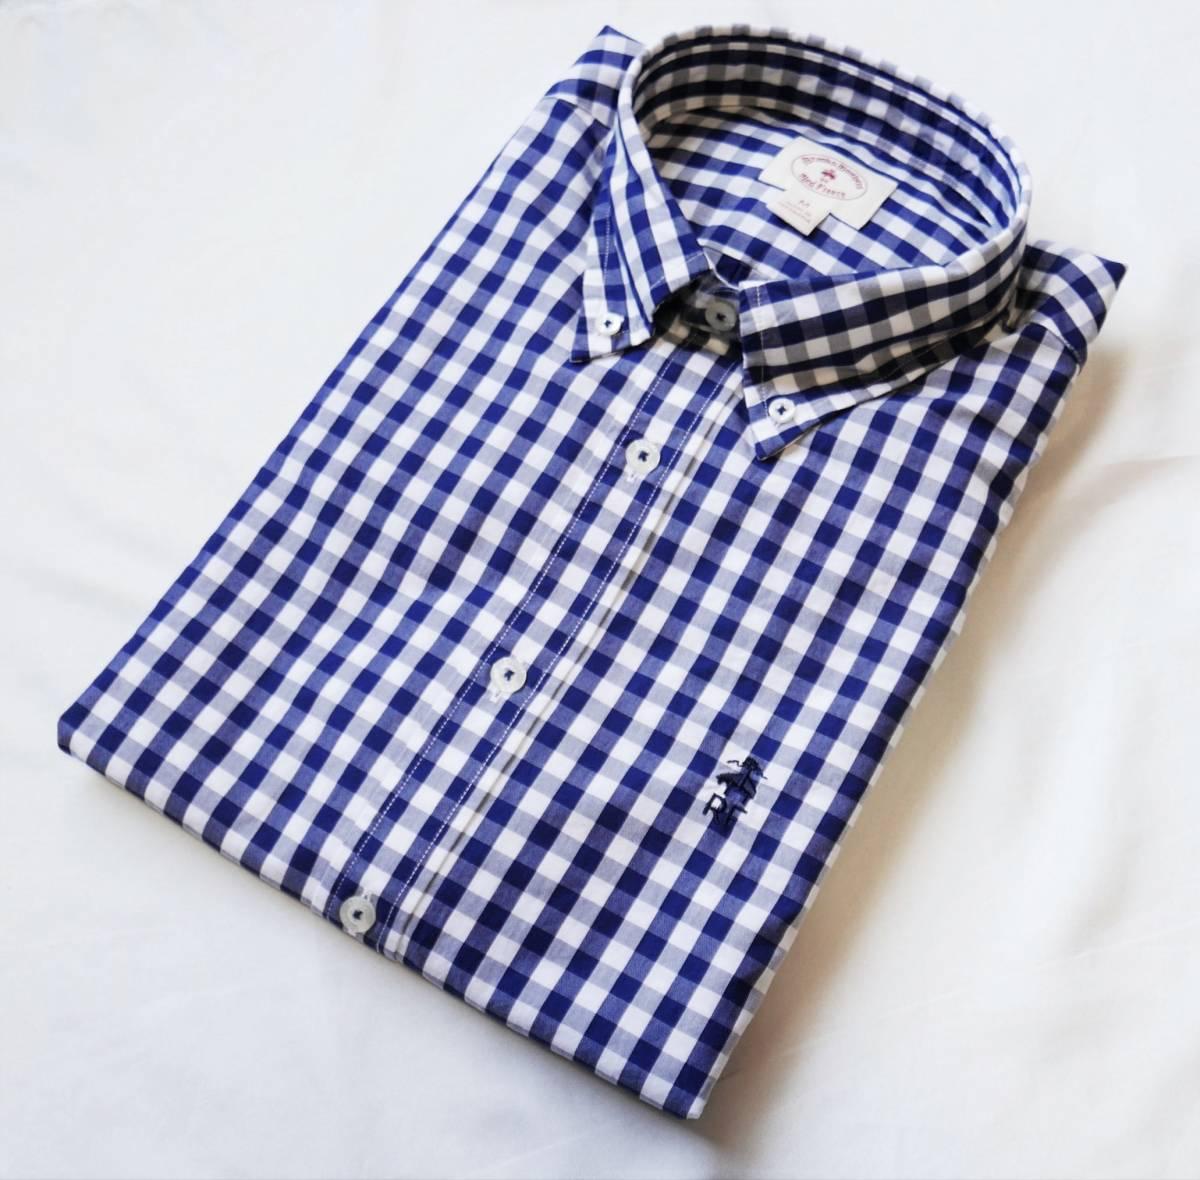 新品未着用 ブルックスブラザーズ正規品 レッドフリースギンガムボタンダウンシャツ 日本サイズM~L相当 ネイビー ジーンズにも_画像1